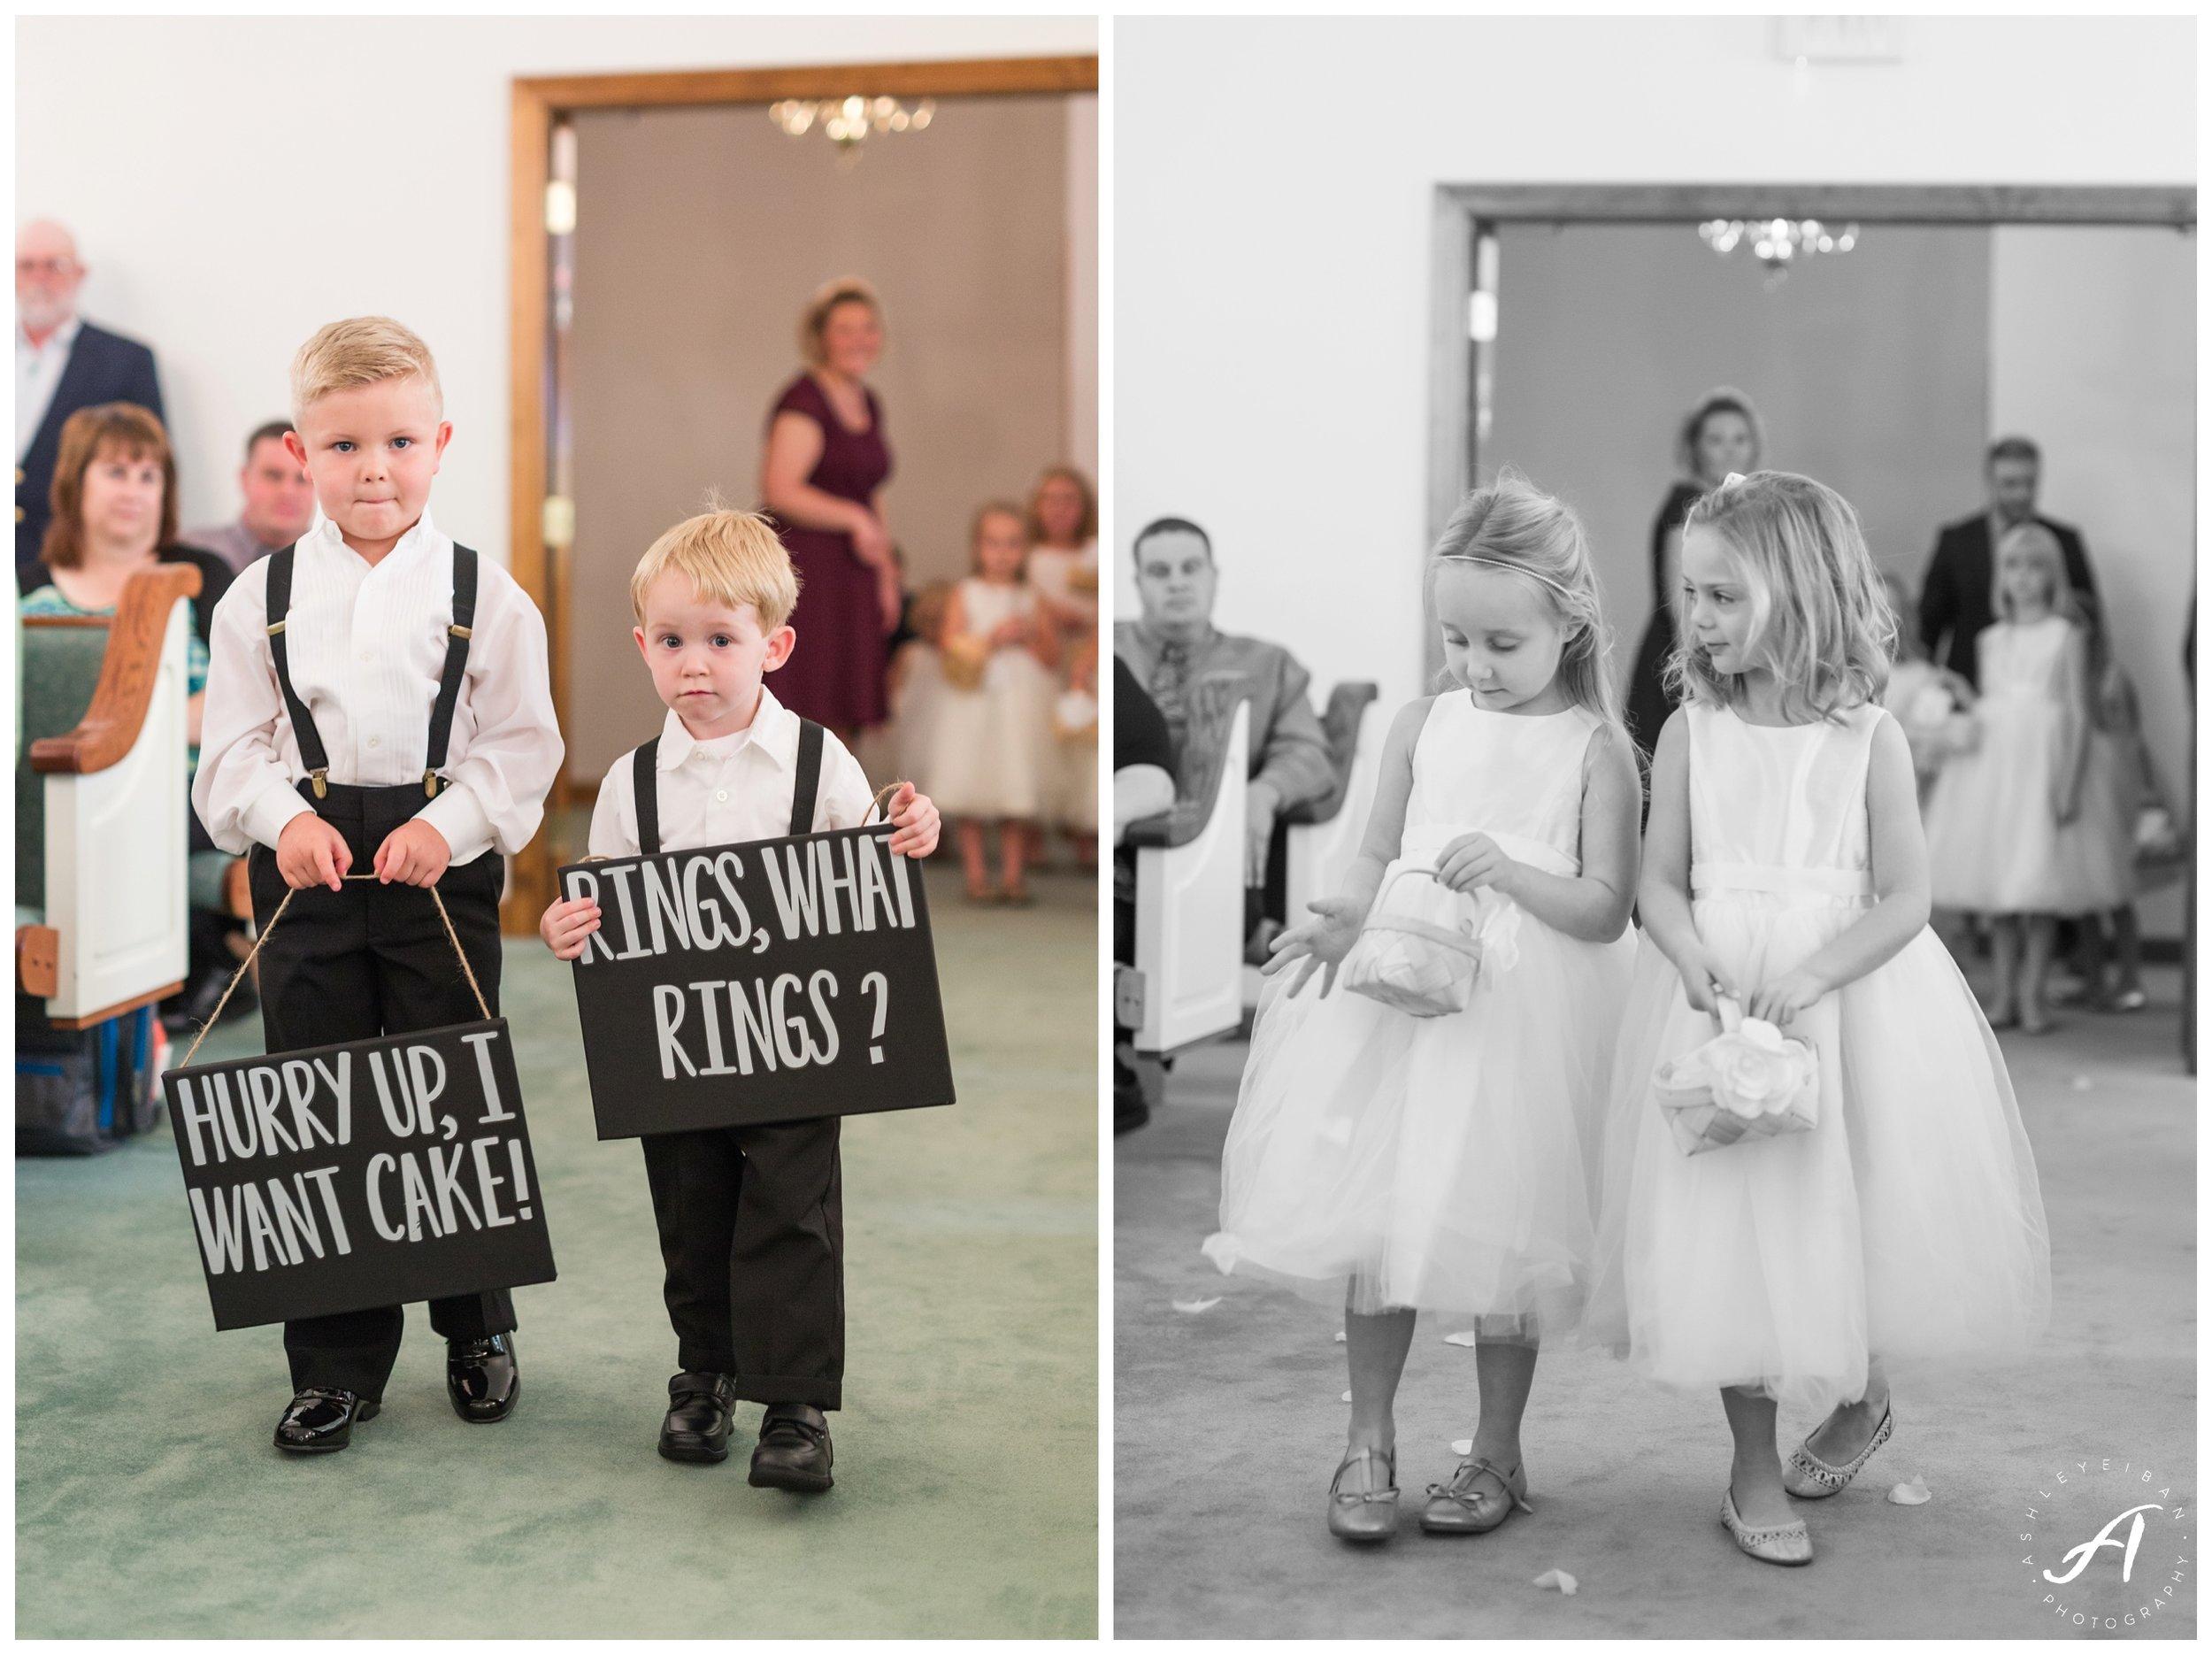 Staunton Church Wedding || Central Virginia Wedding Photographer || www.ashleyeiban.com